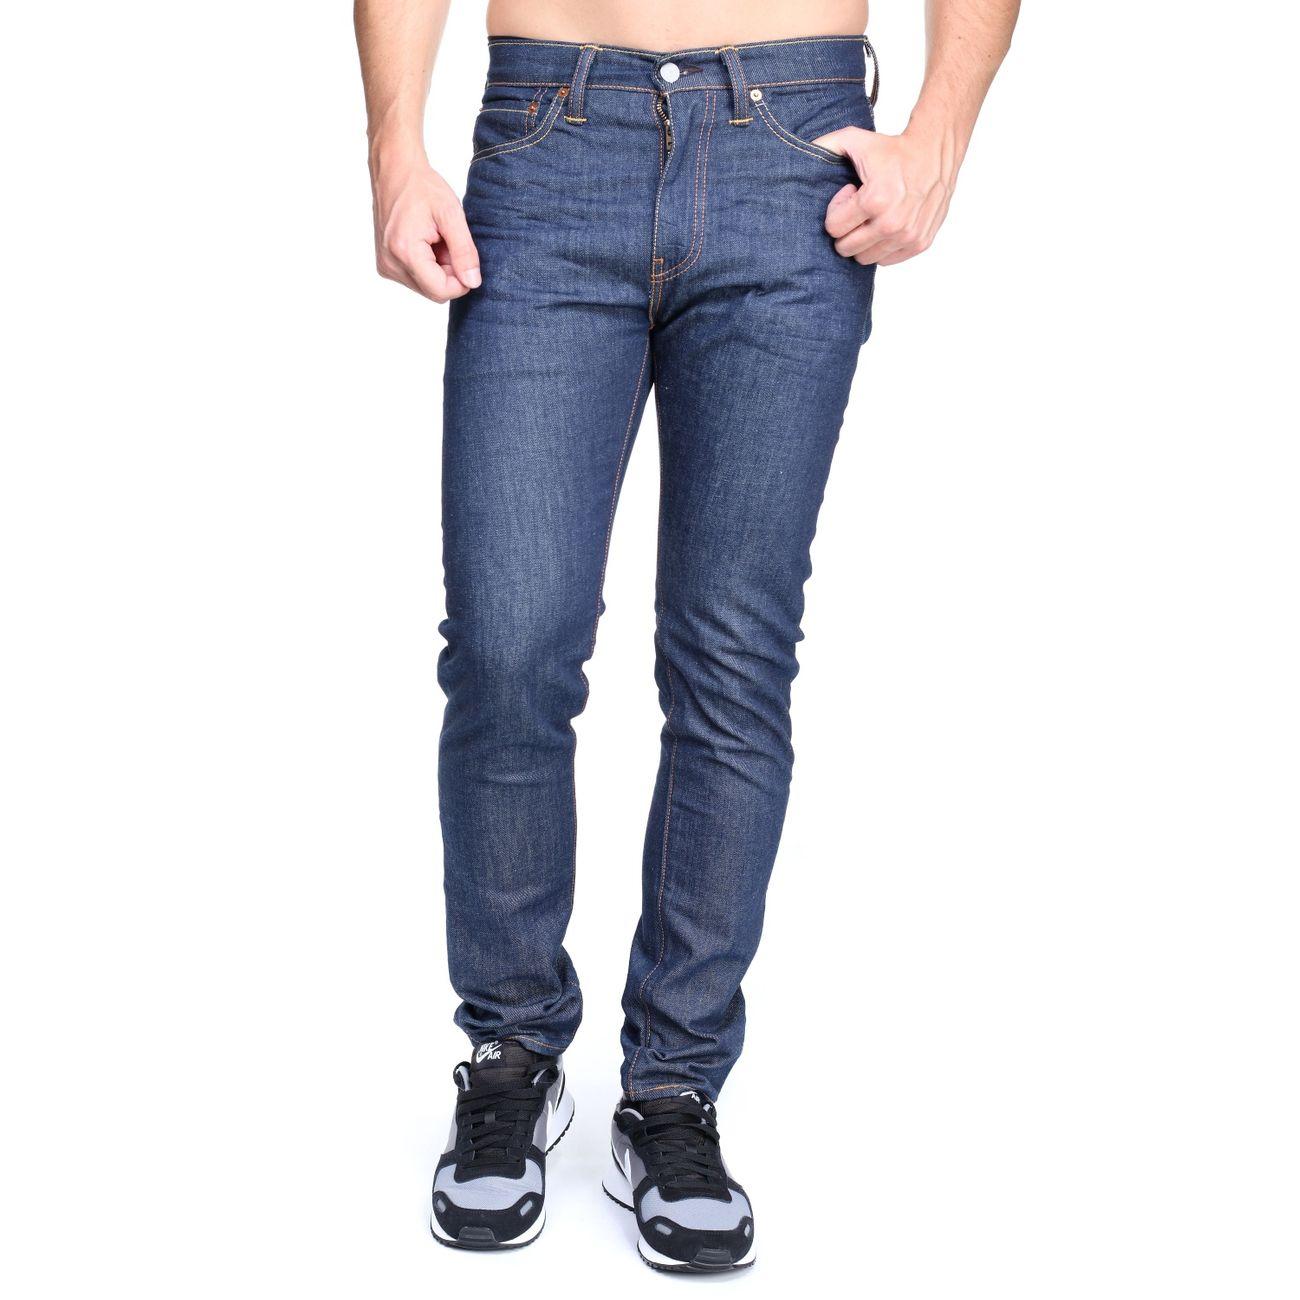 0ac43a07e448d Mode- Lifestyle homme LEVIS Jeans Levis Levis 510 Skinny Fit 05510-0590 Brut